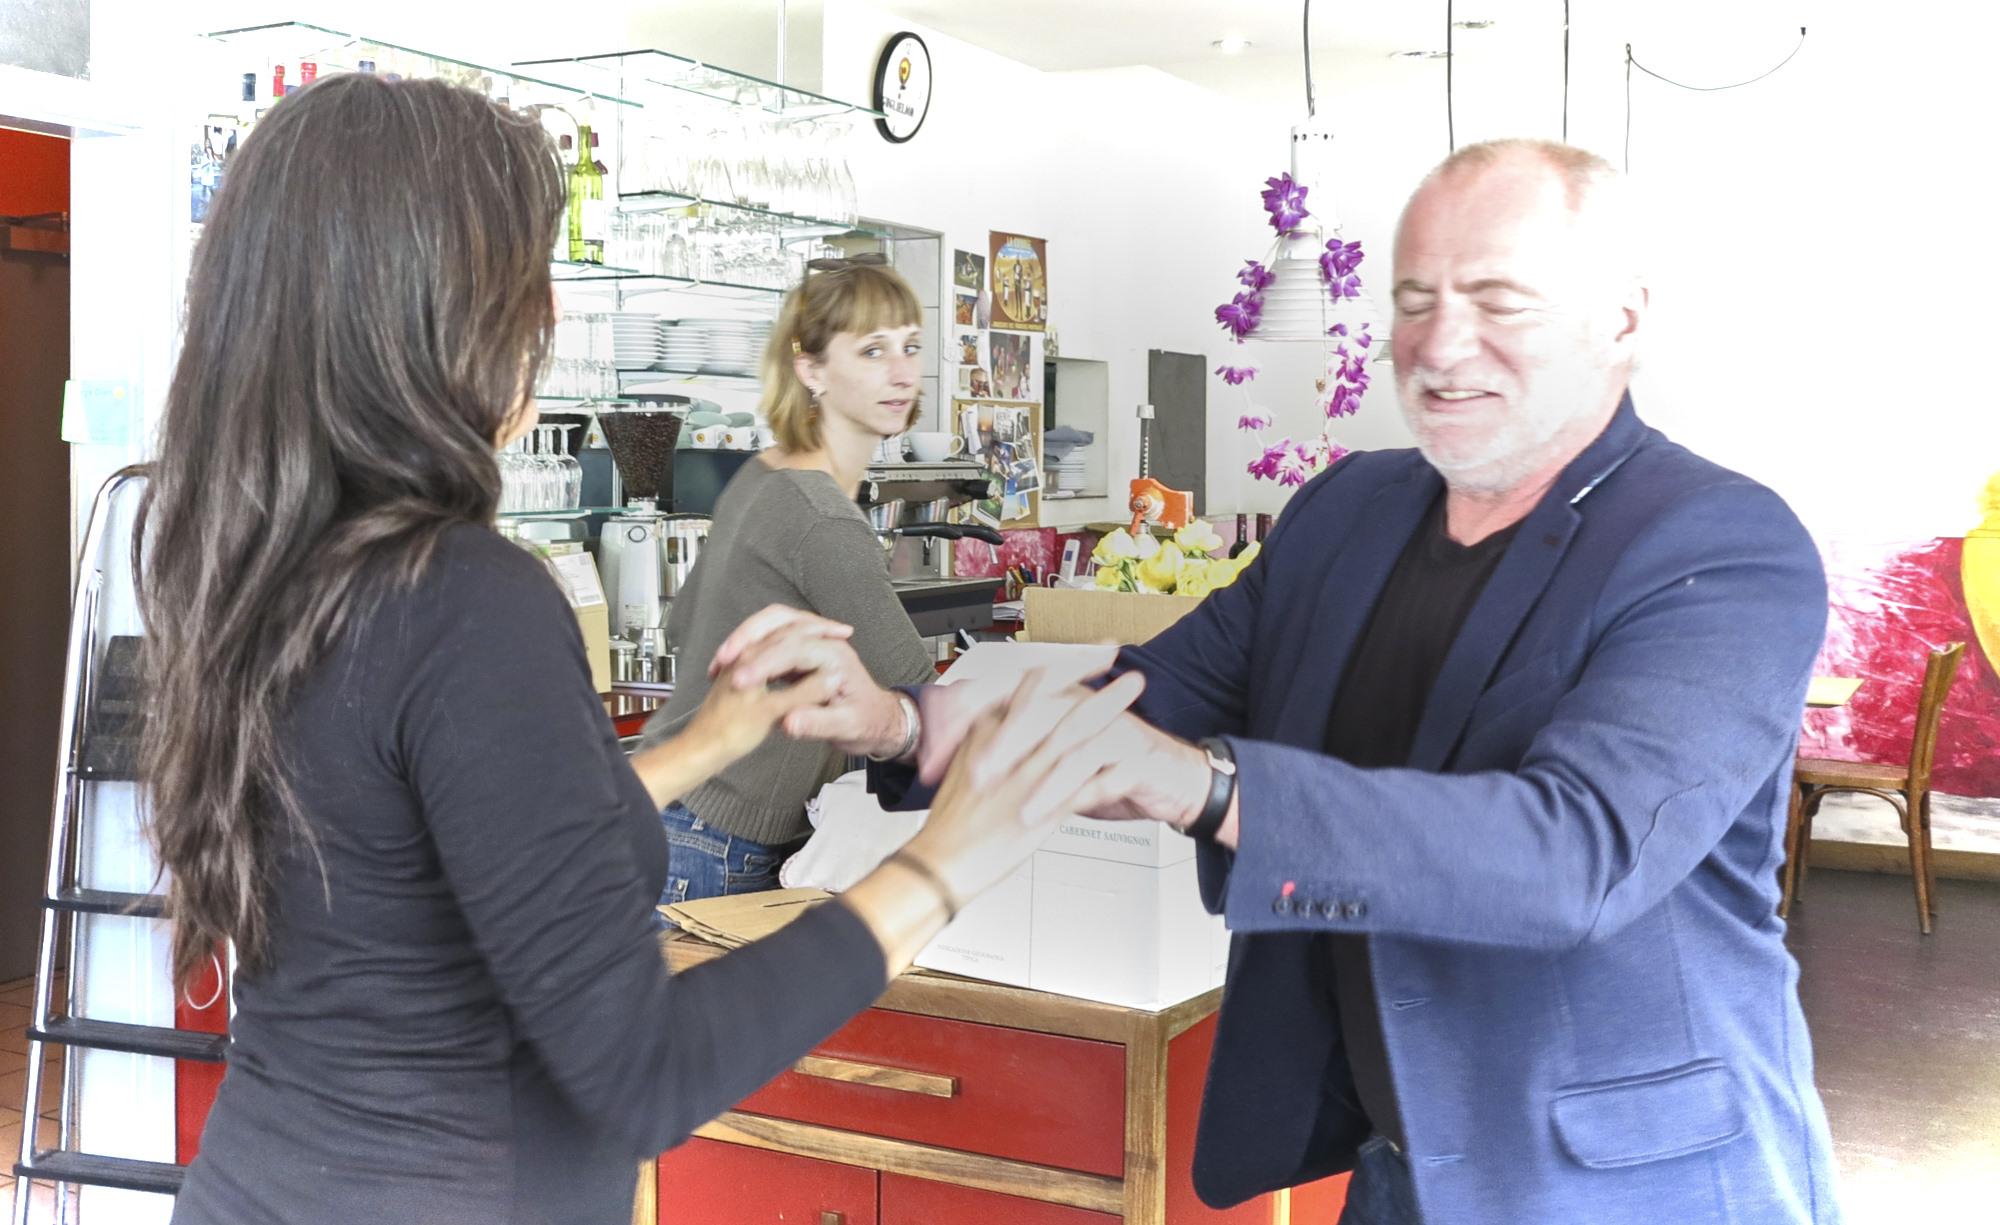 Das Restaurant bleibt: Die Betreiber der Oetlinger-Buvette werden das Lokal übernehmen.